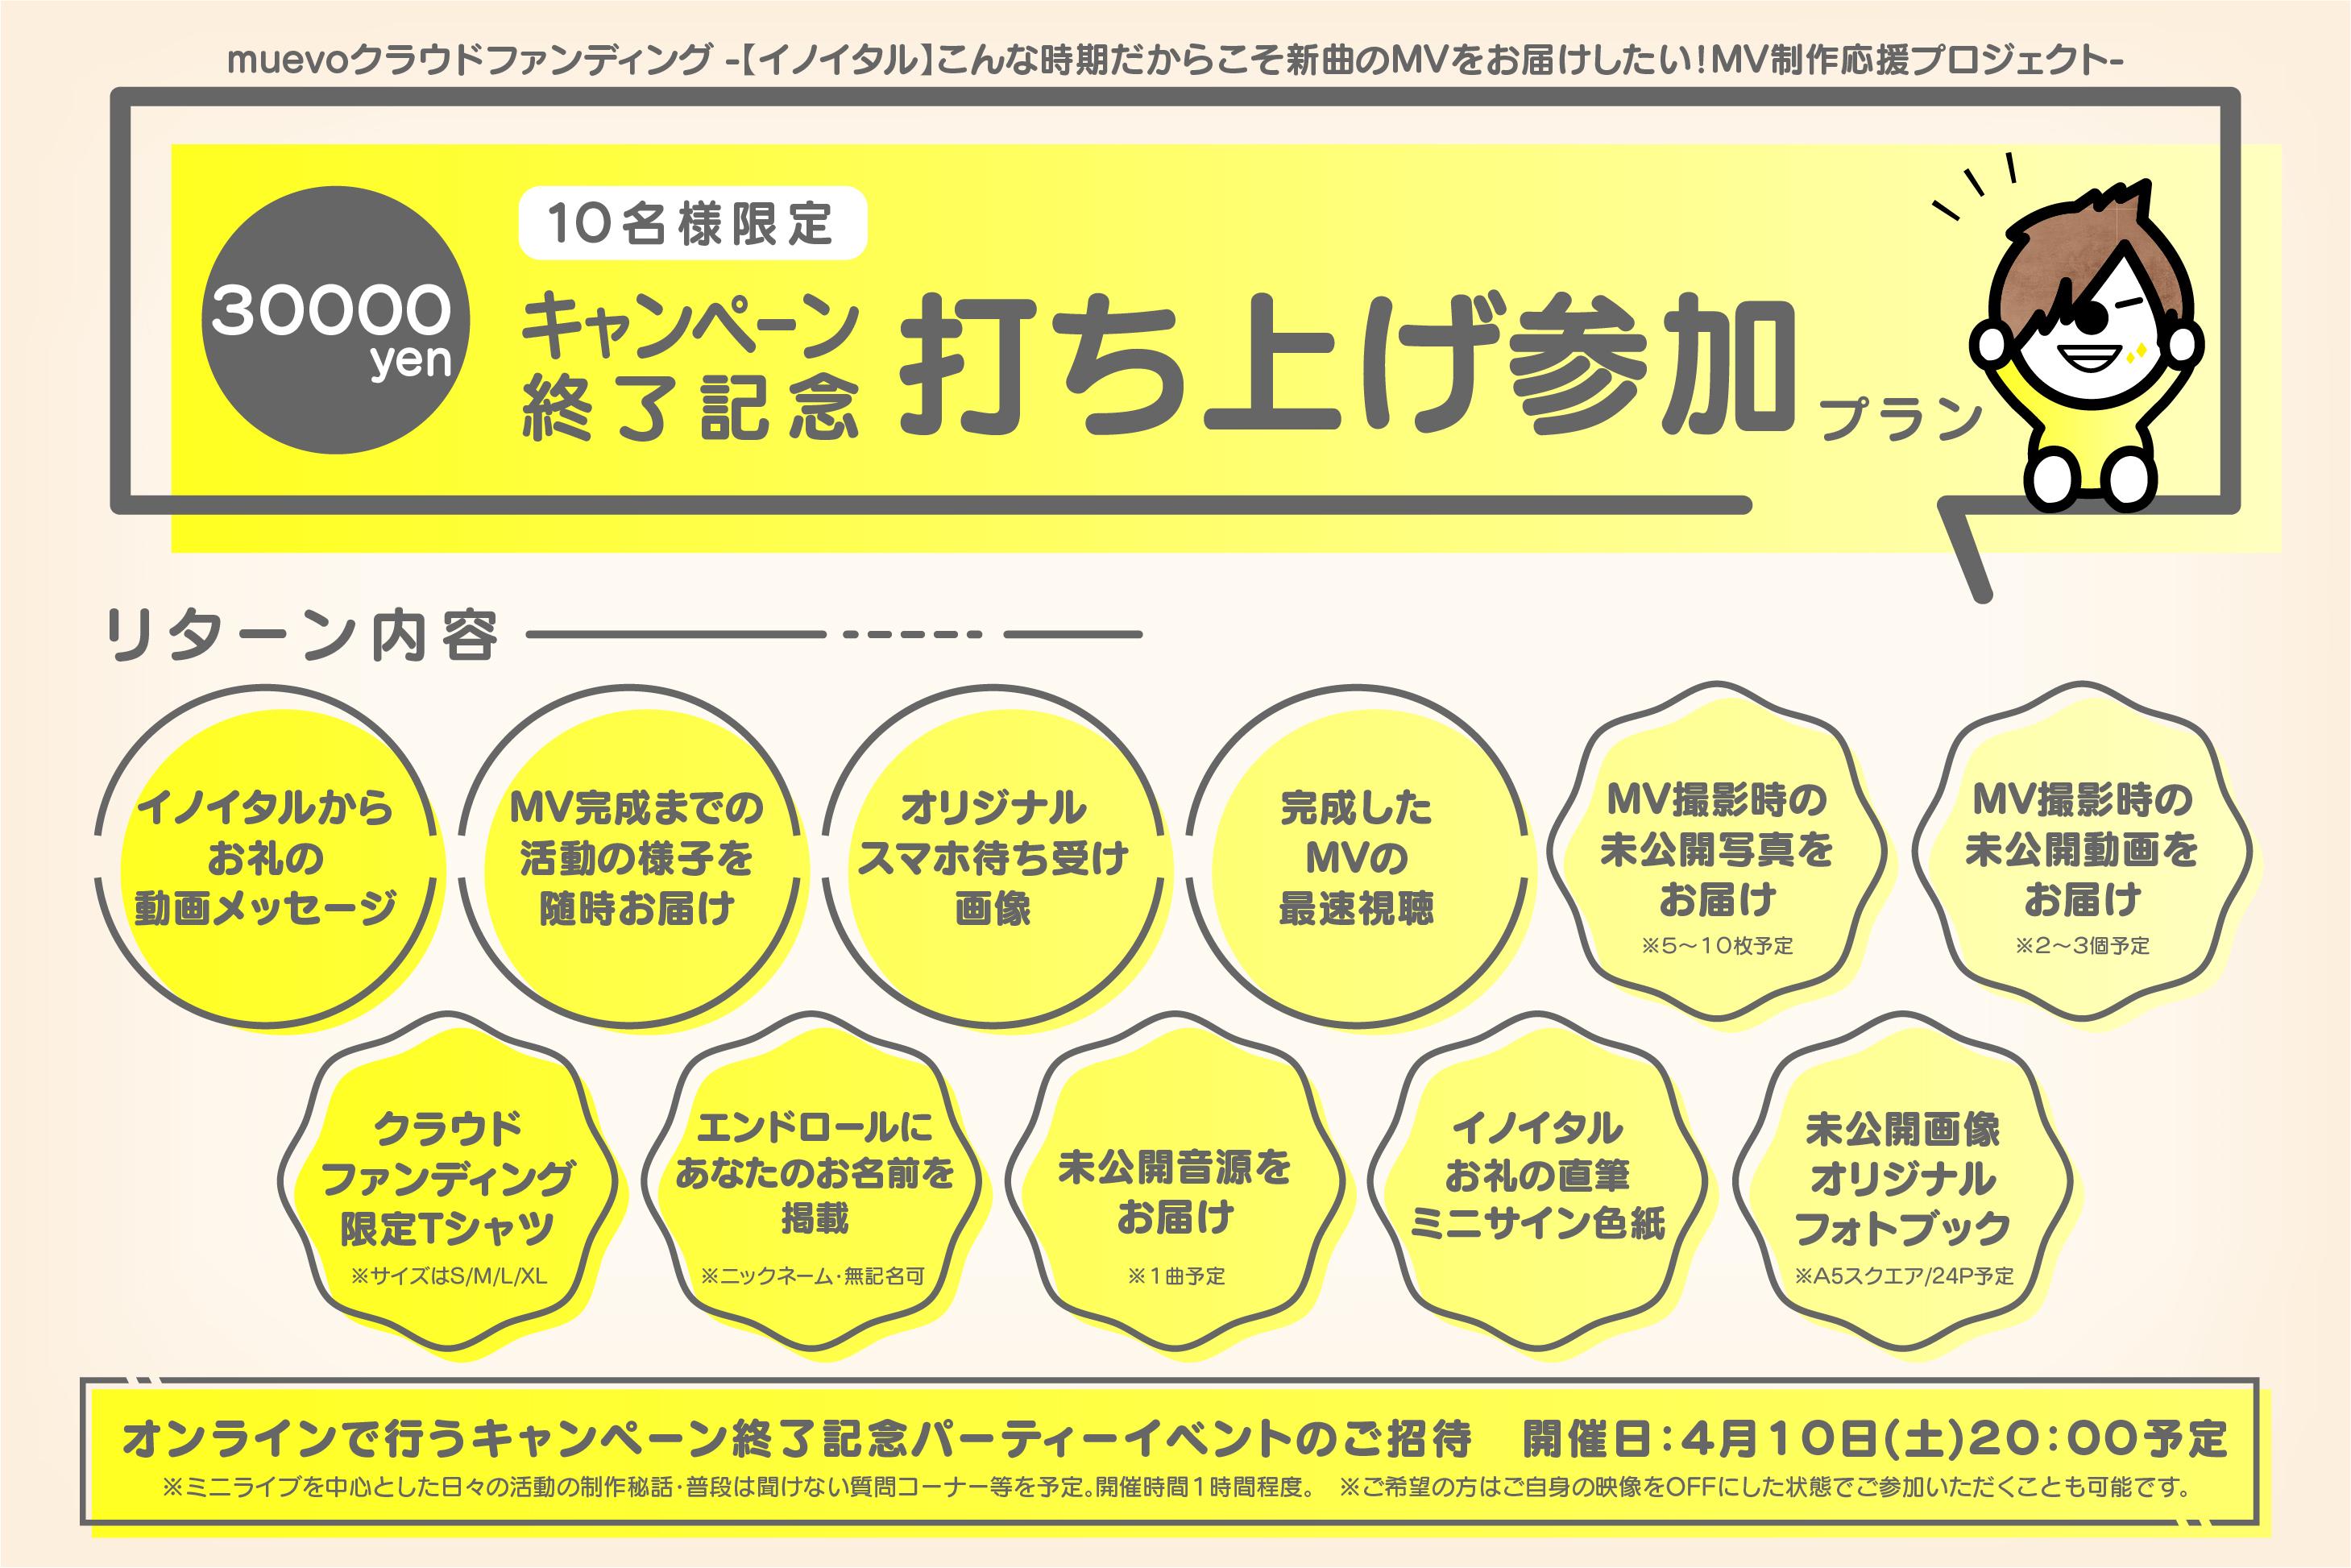 <キャンペーン終了記念 打ち上げ参加 プラン>限定10名